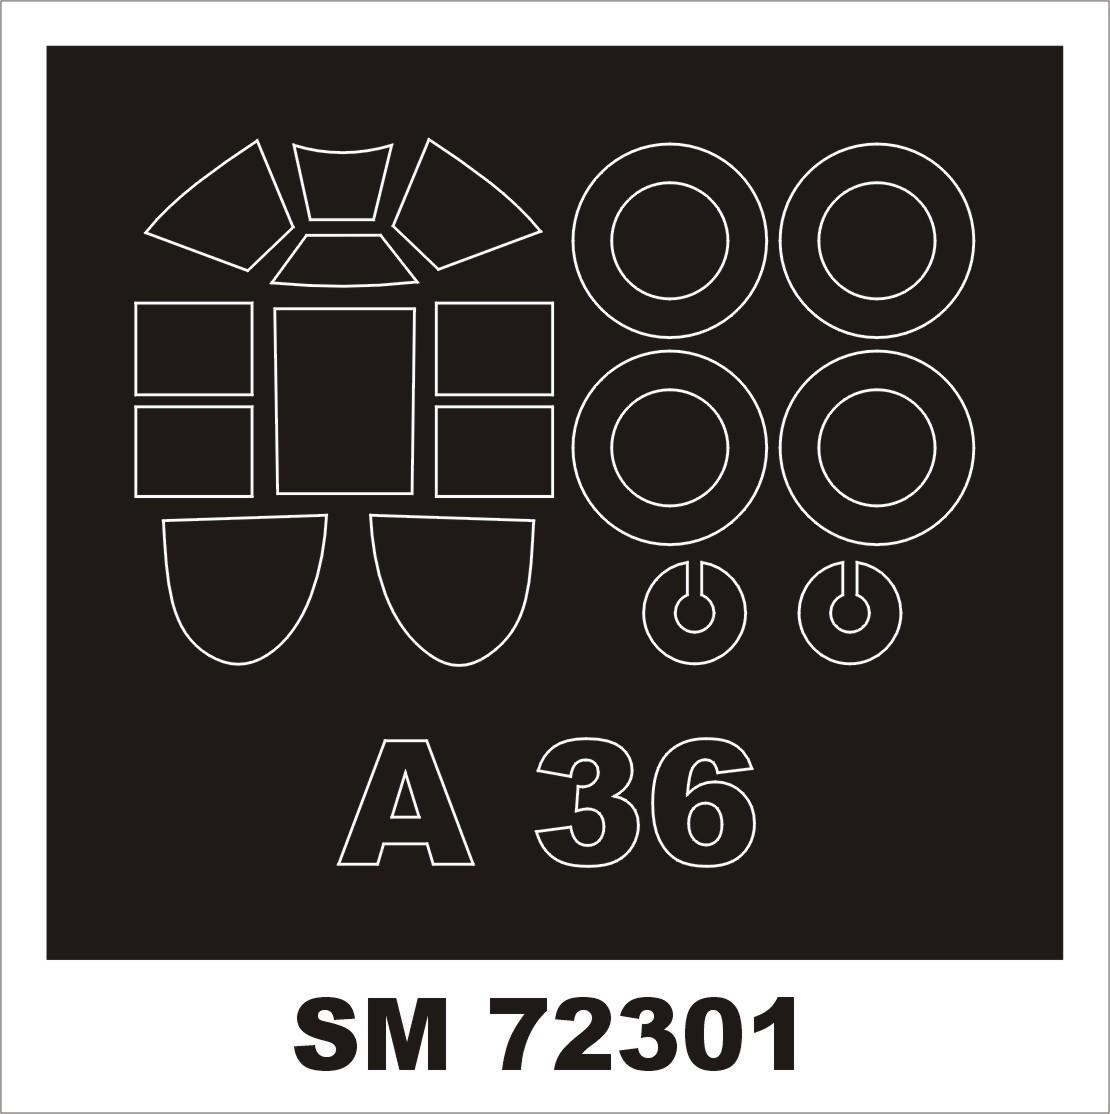 MXSM72301